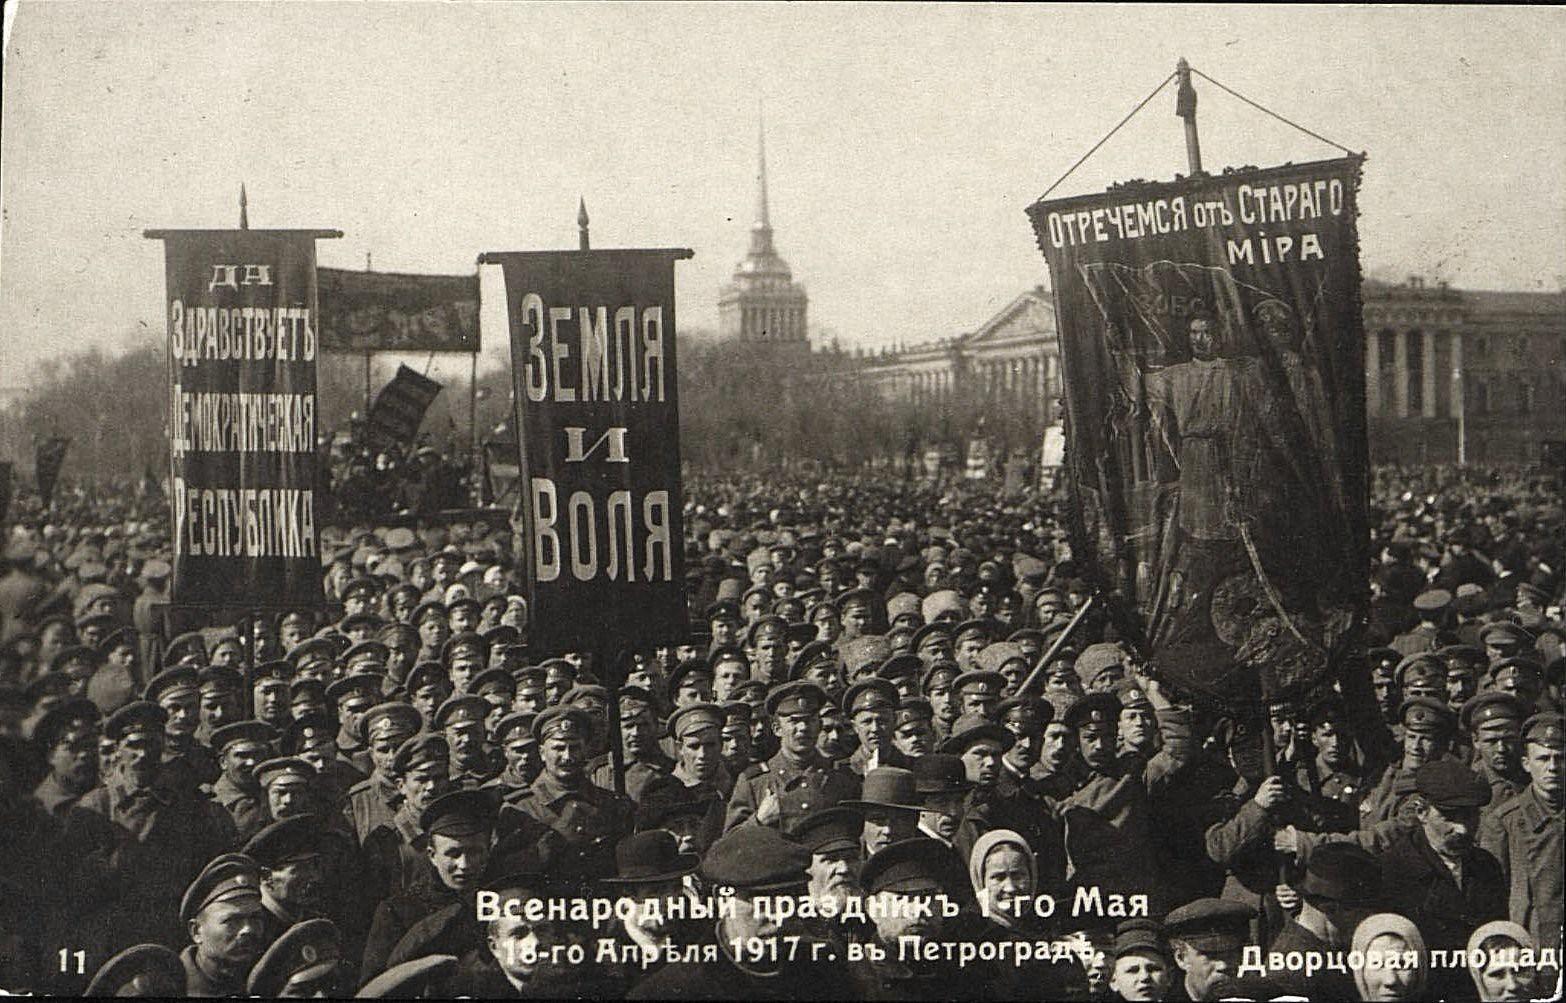 1 мая. Всенародный праздник 1-го мая в Петрограде. Дворцовая площадь.